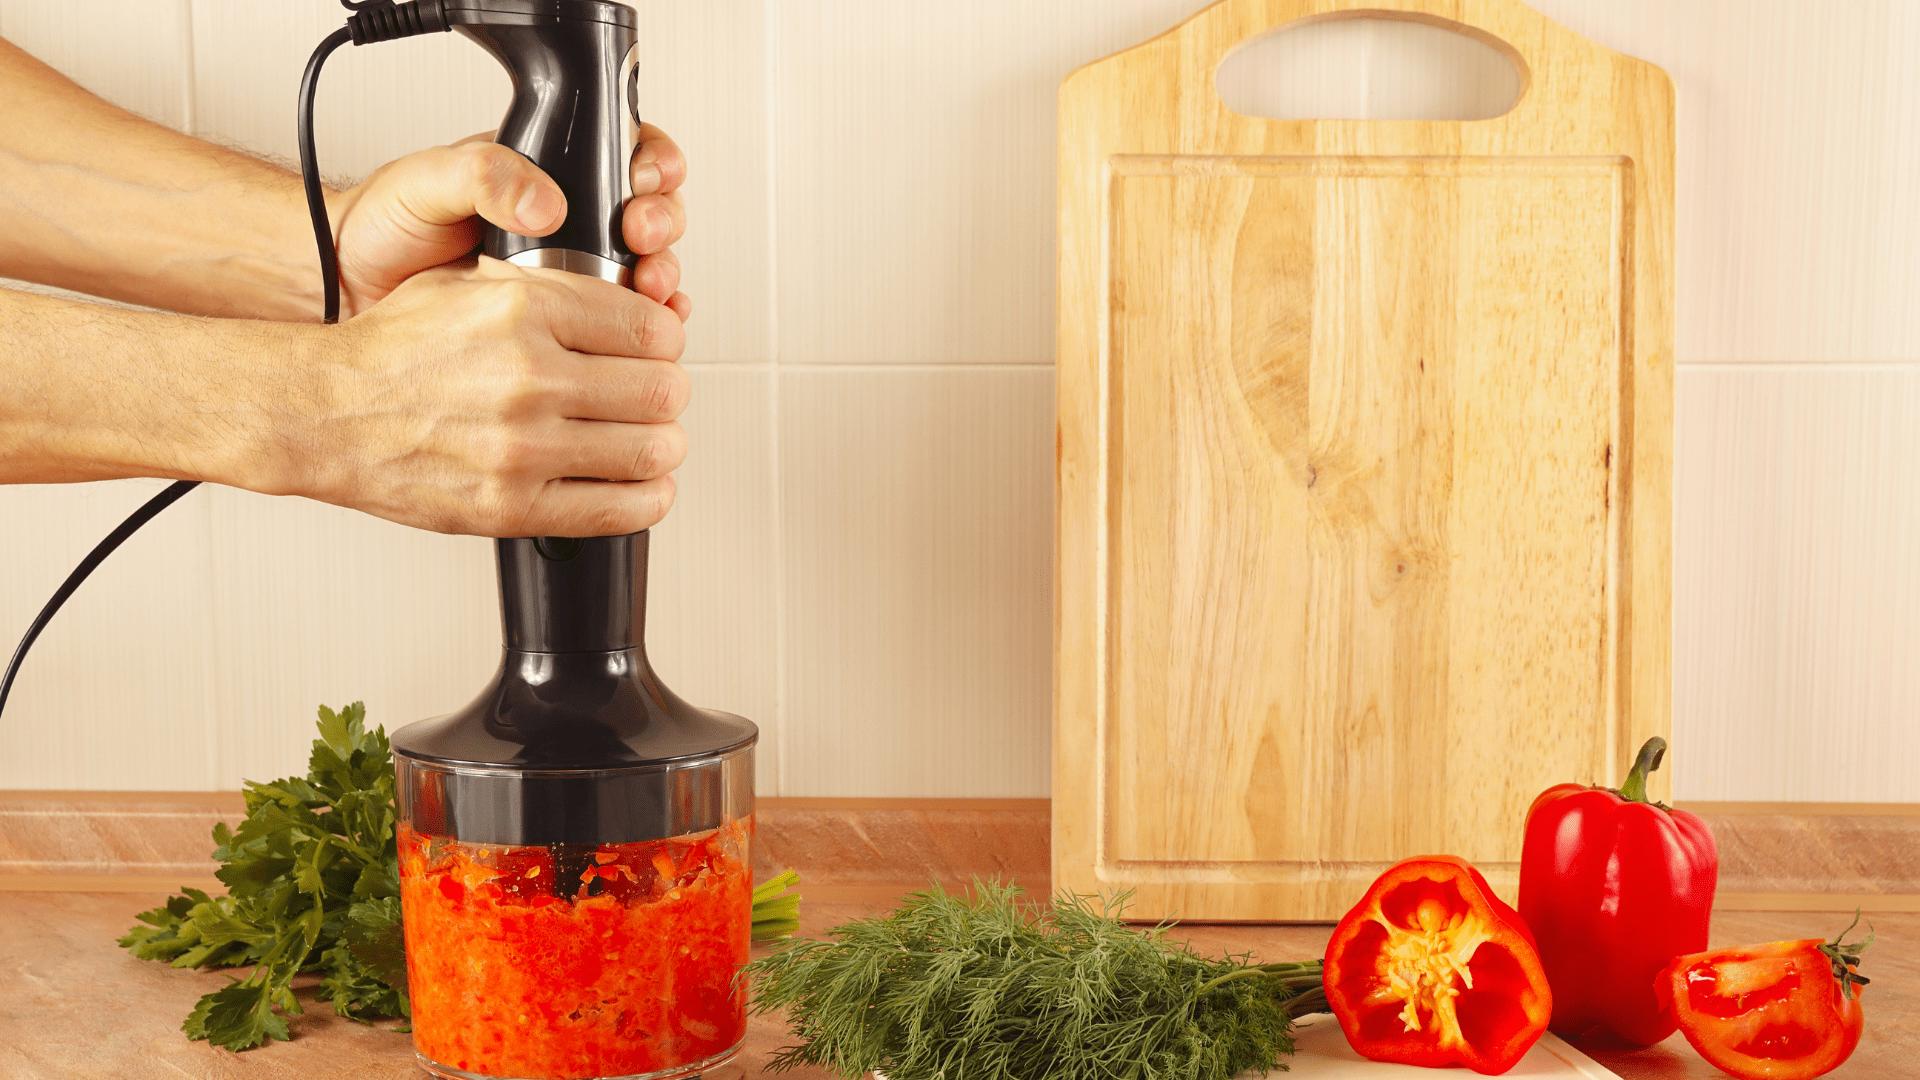 O mixer de mão pode ser usado para preparar diferentes tipos de alimentos (Foto: Shutterstock)